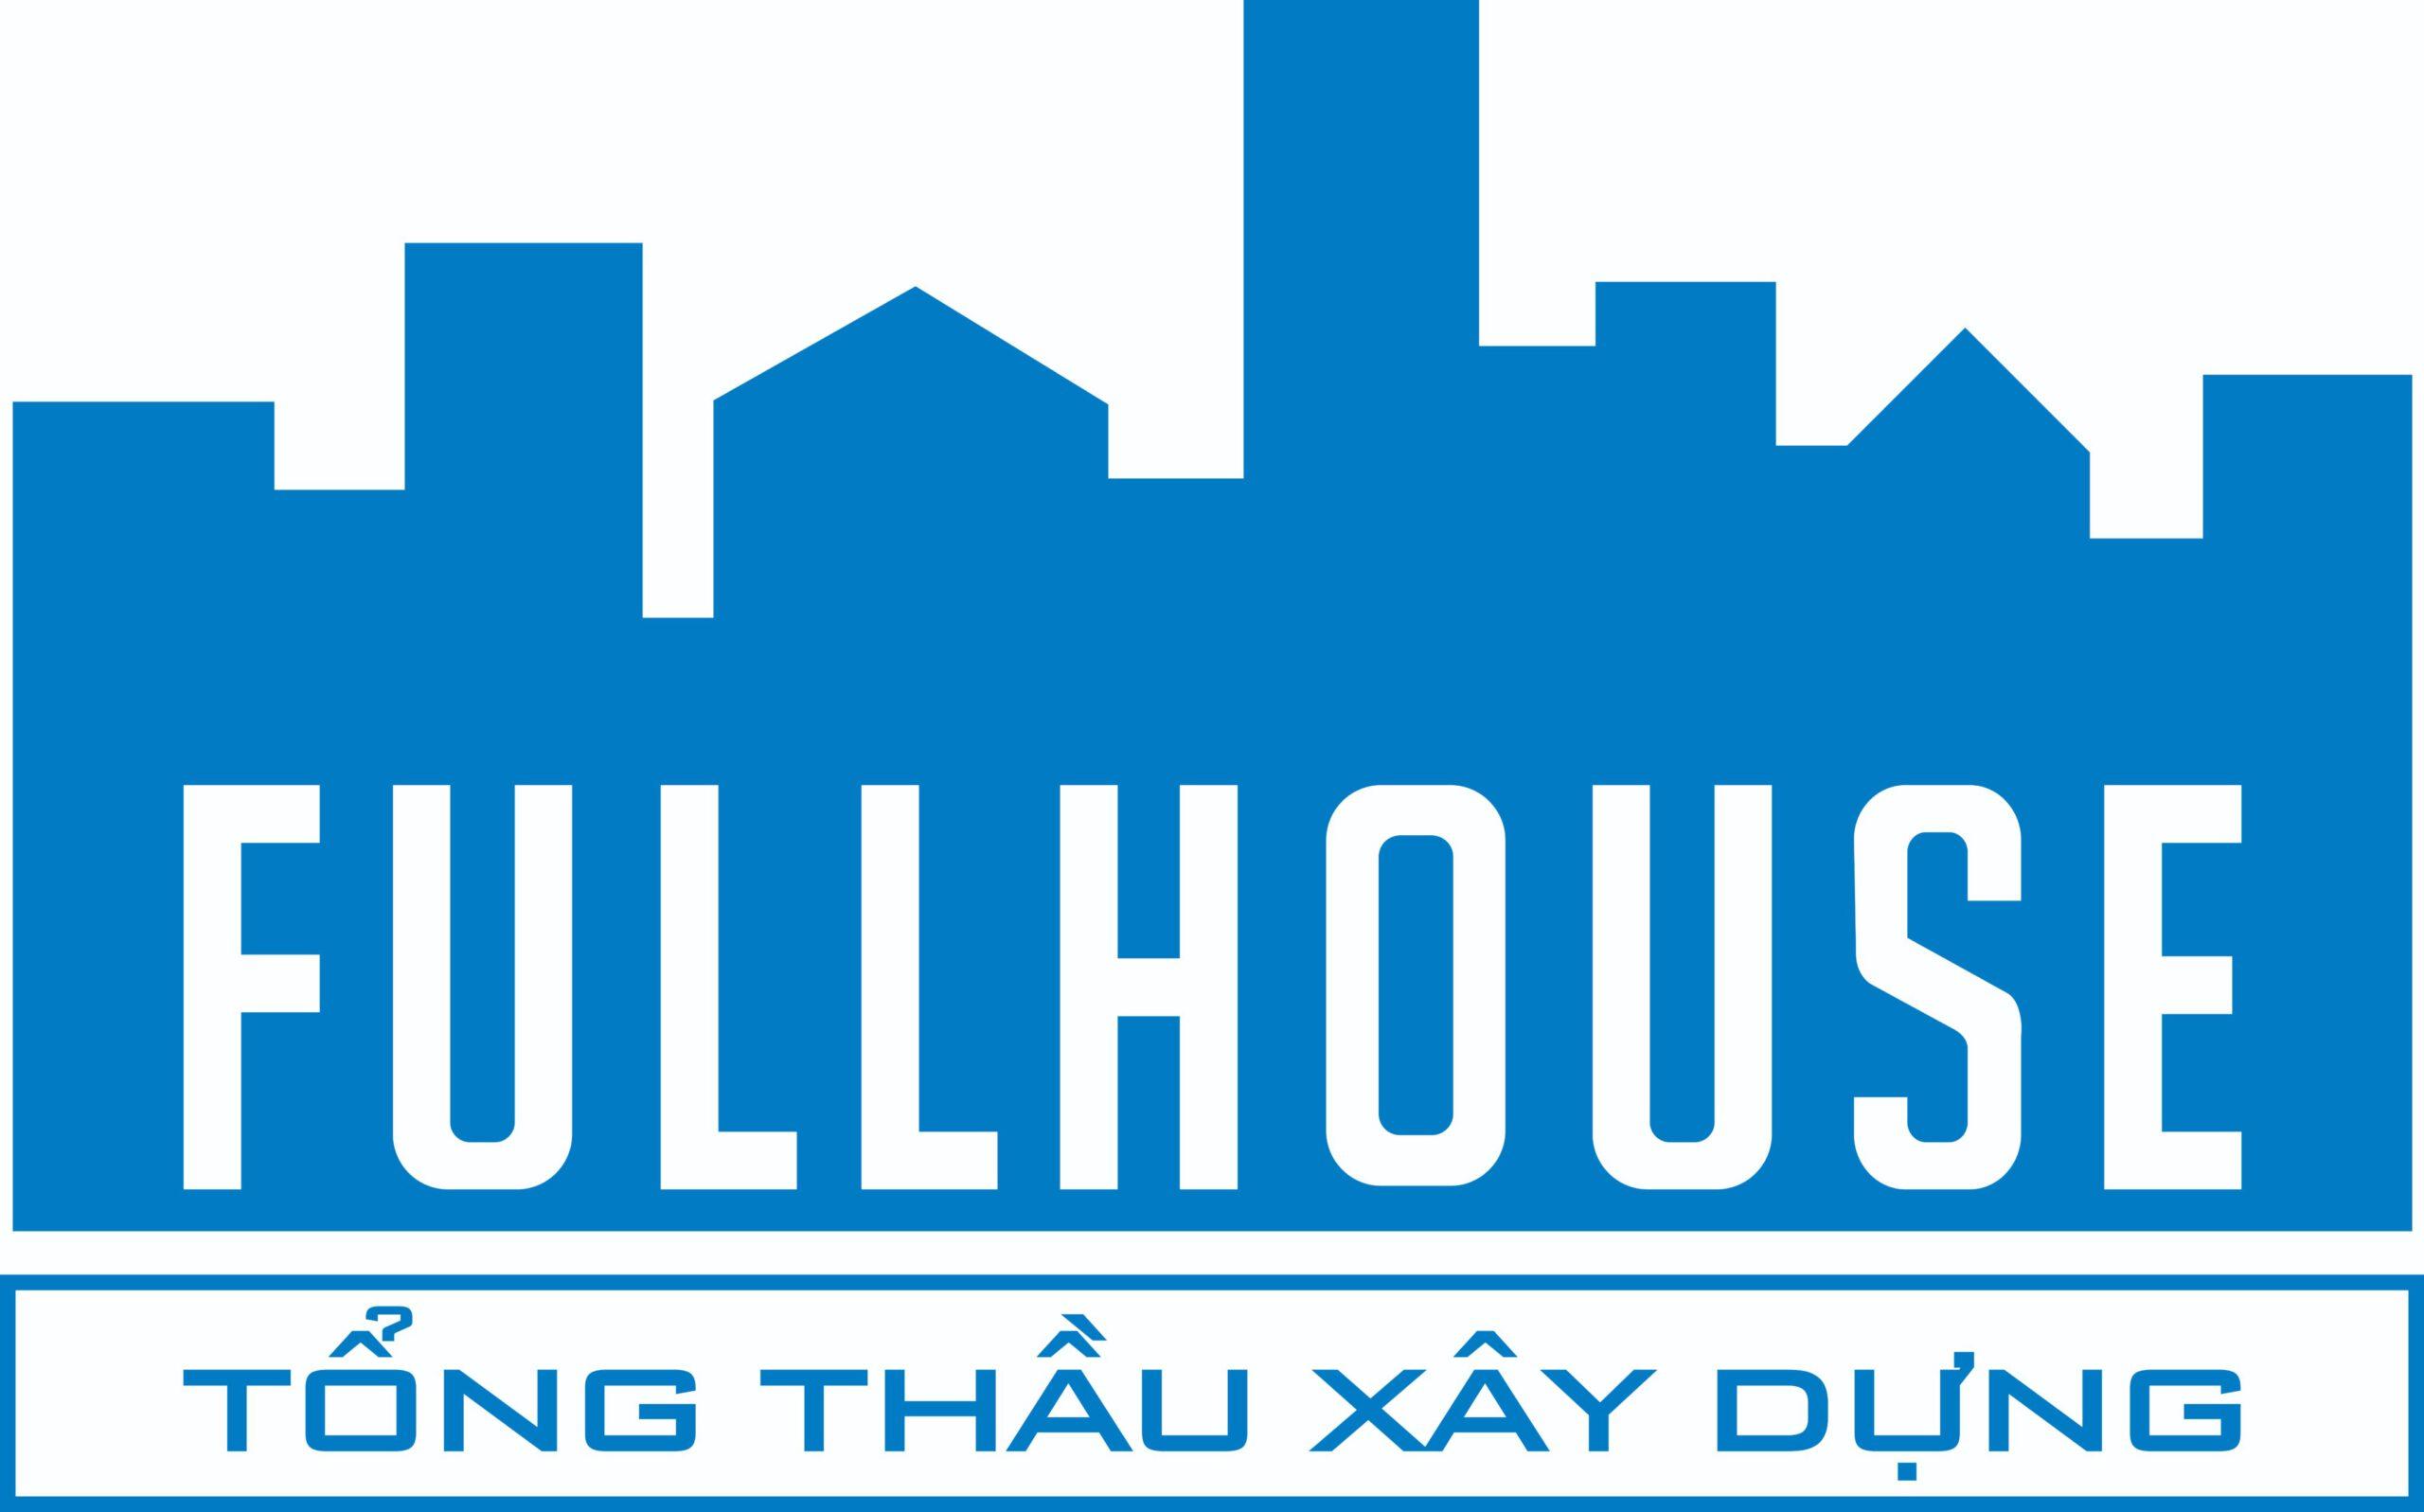 Tổng thầu xây dựng Fullhouse